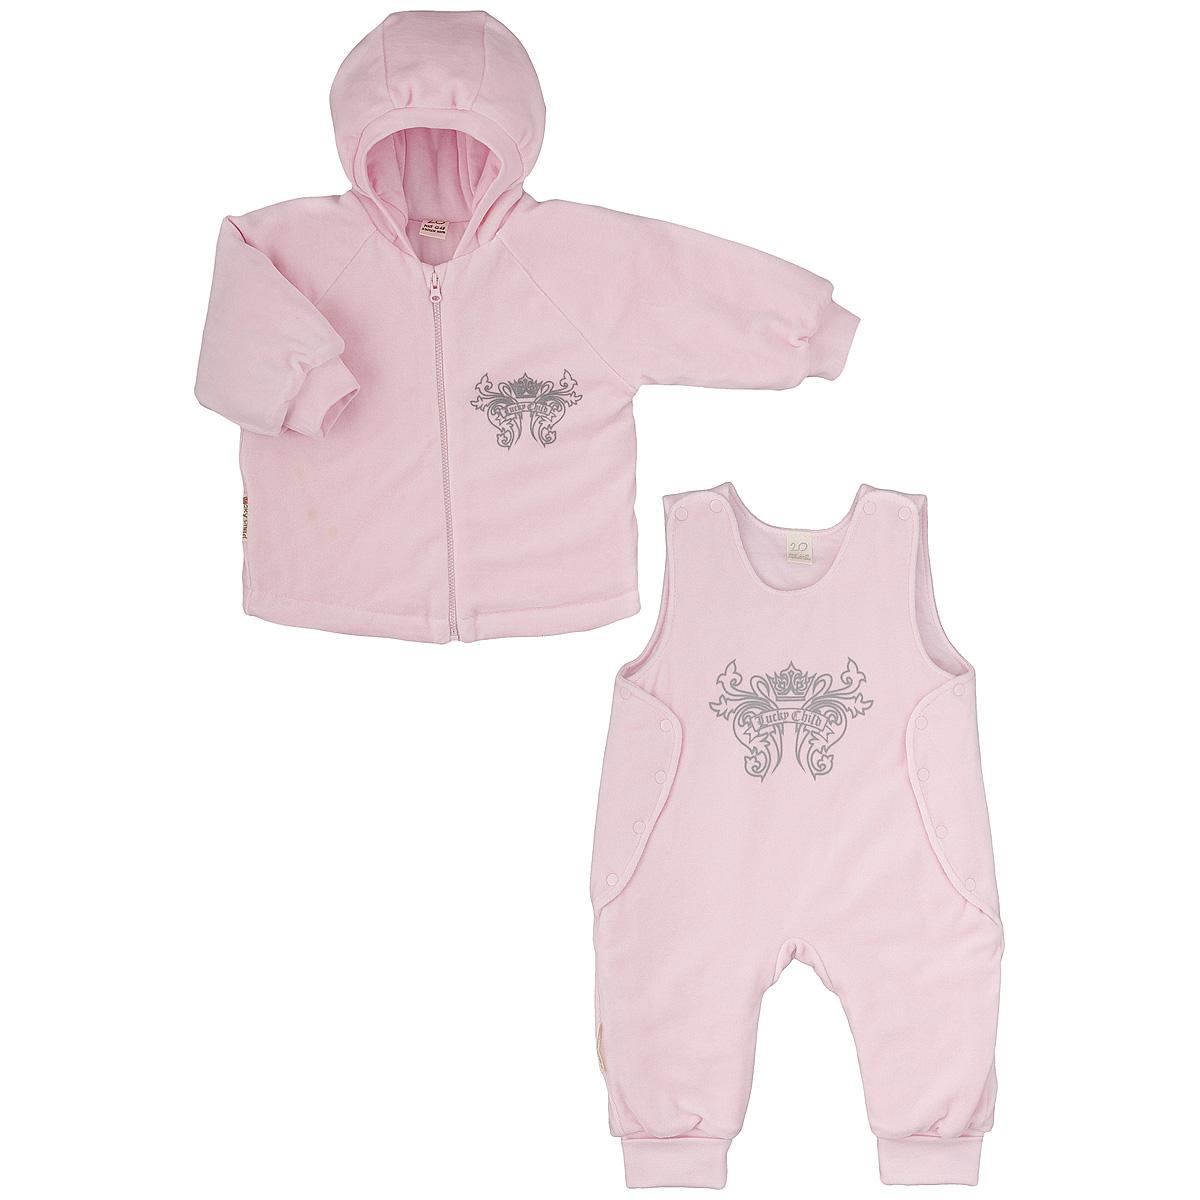 5-5Утепленный детский комплект Lucky Child идеально подойдет для ребенка в прохладное время года. Комплект состоит из куртки и полукомбинезона, изготовленных из велюра с утеплителем из синтепона, а для максимального комфорта на подкладке используется натуральный хлопок, который не раздражает нежную кожу ребенка и хорошо сохраняет тепло. Комплект необычайно мягкий и приятный на ощупь, не сковывает движения малыша и позволяет коже дышать, обеспечивая ему наибольший комфорт. Куртка с капюшоном и длинными рукавами-реглан застегивается на пластиковую застежку-молнию. Рукава дополнены широкими трикотажными манжетами, не стягивающими запястья. На груди она оформлена оригинальным принтом в виде логотипа бренда. Полукомбинезон застегивается сверху на кнопки, а по бокам дополнен специальными клапанами на кнопках, которые позволяют без труда переодеть малыша. Снизу брючин предусмотрены широкие трикотажные манжеты. На груди он декорирован таким же рисунком, как на куртке. ...